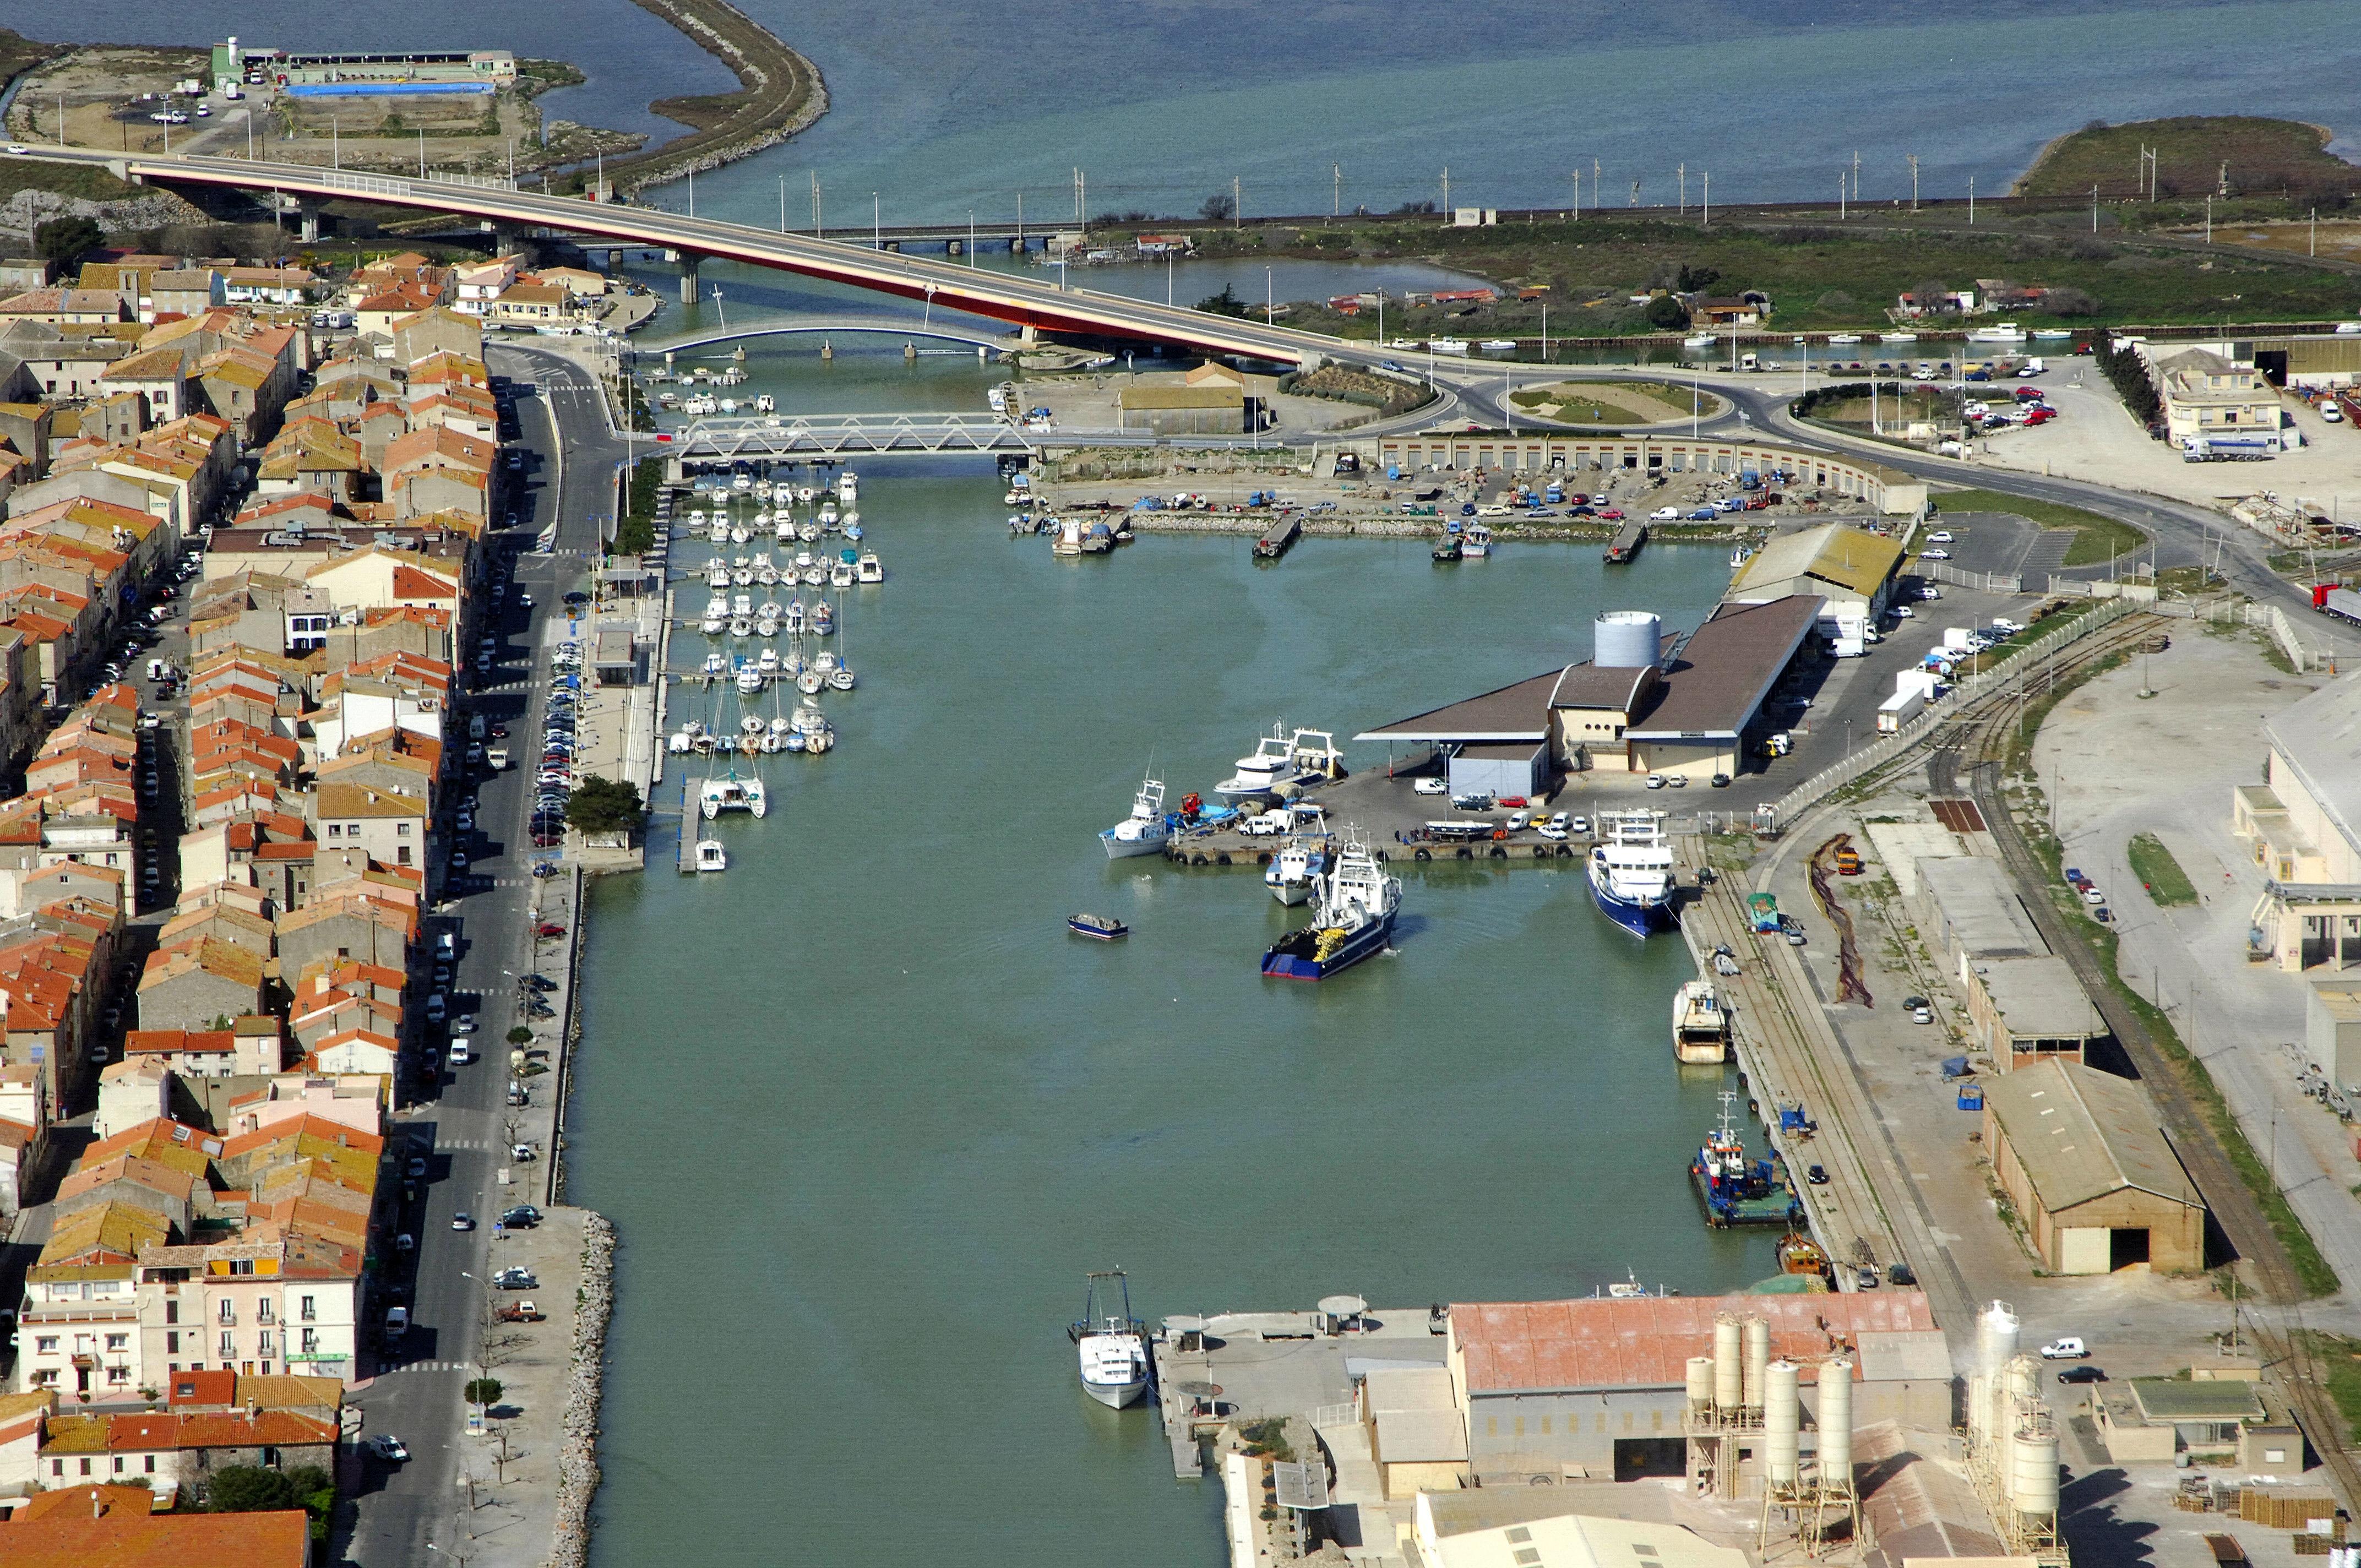 Port la nouvelle marina in port la nouvelle languedoc roussillon france marina reviews - Windfinder port la nouvelle ...